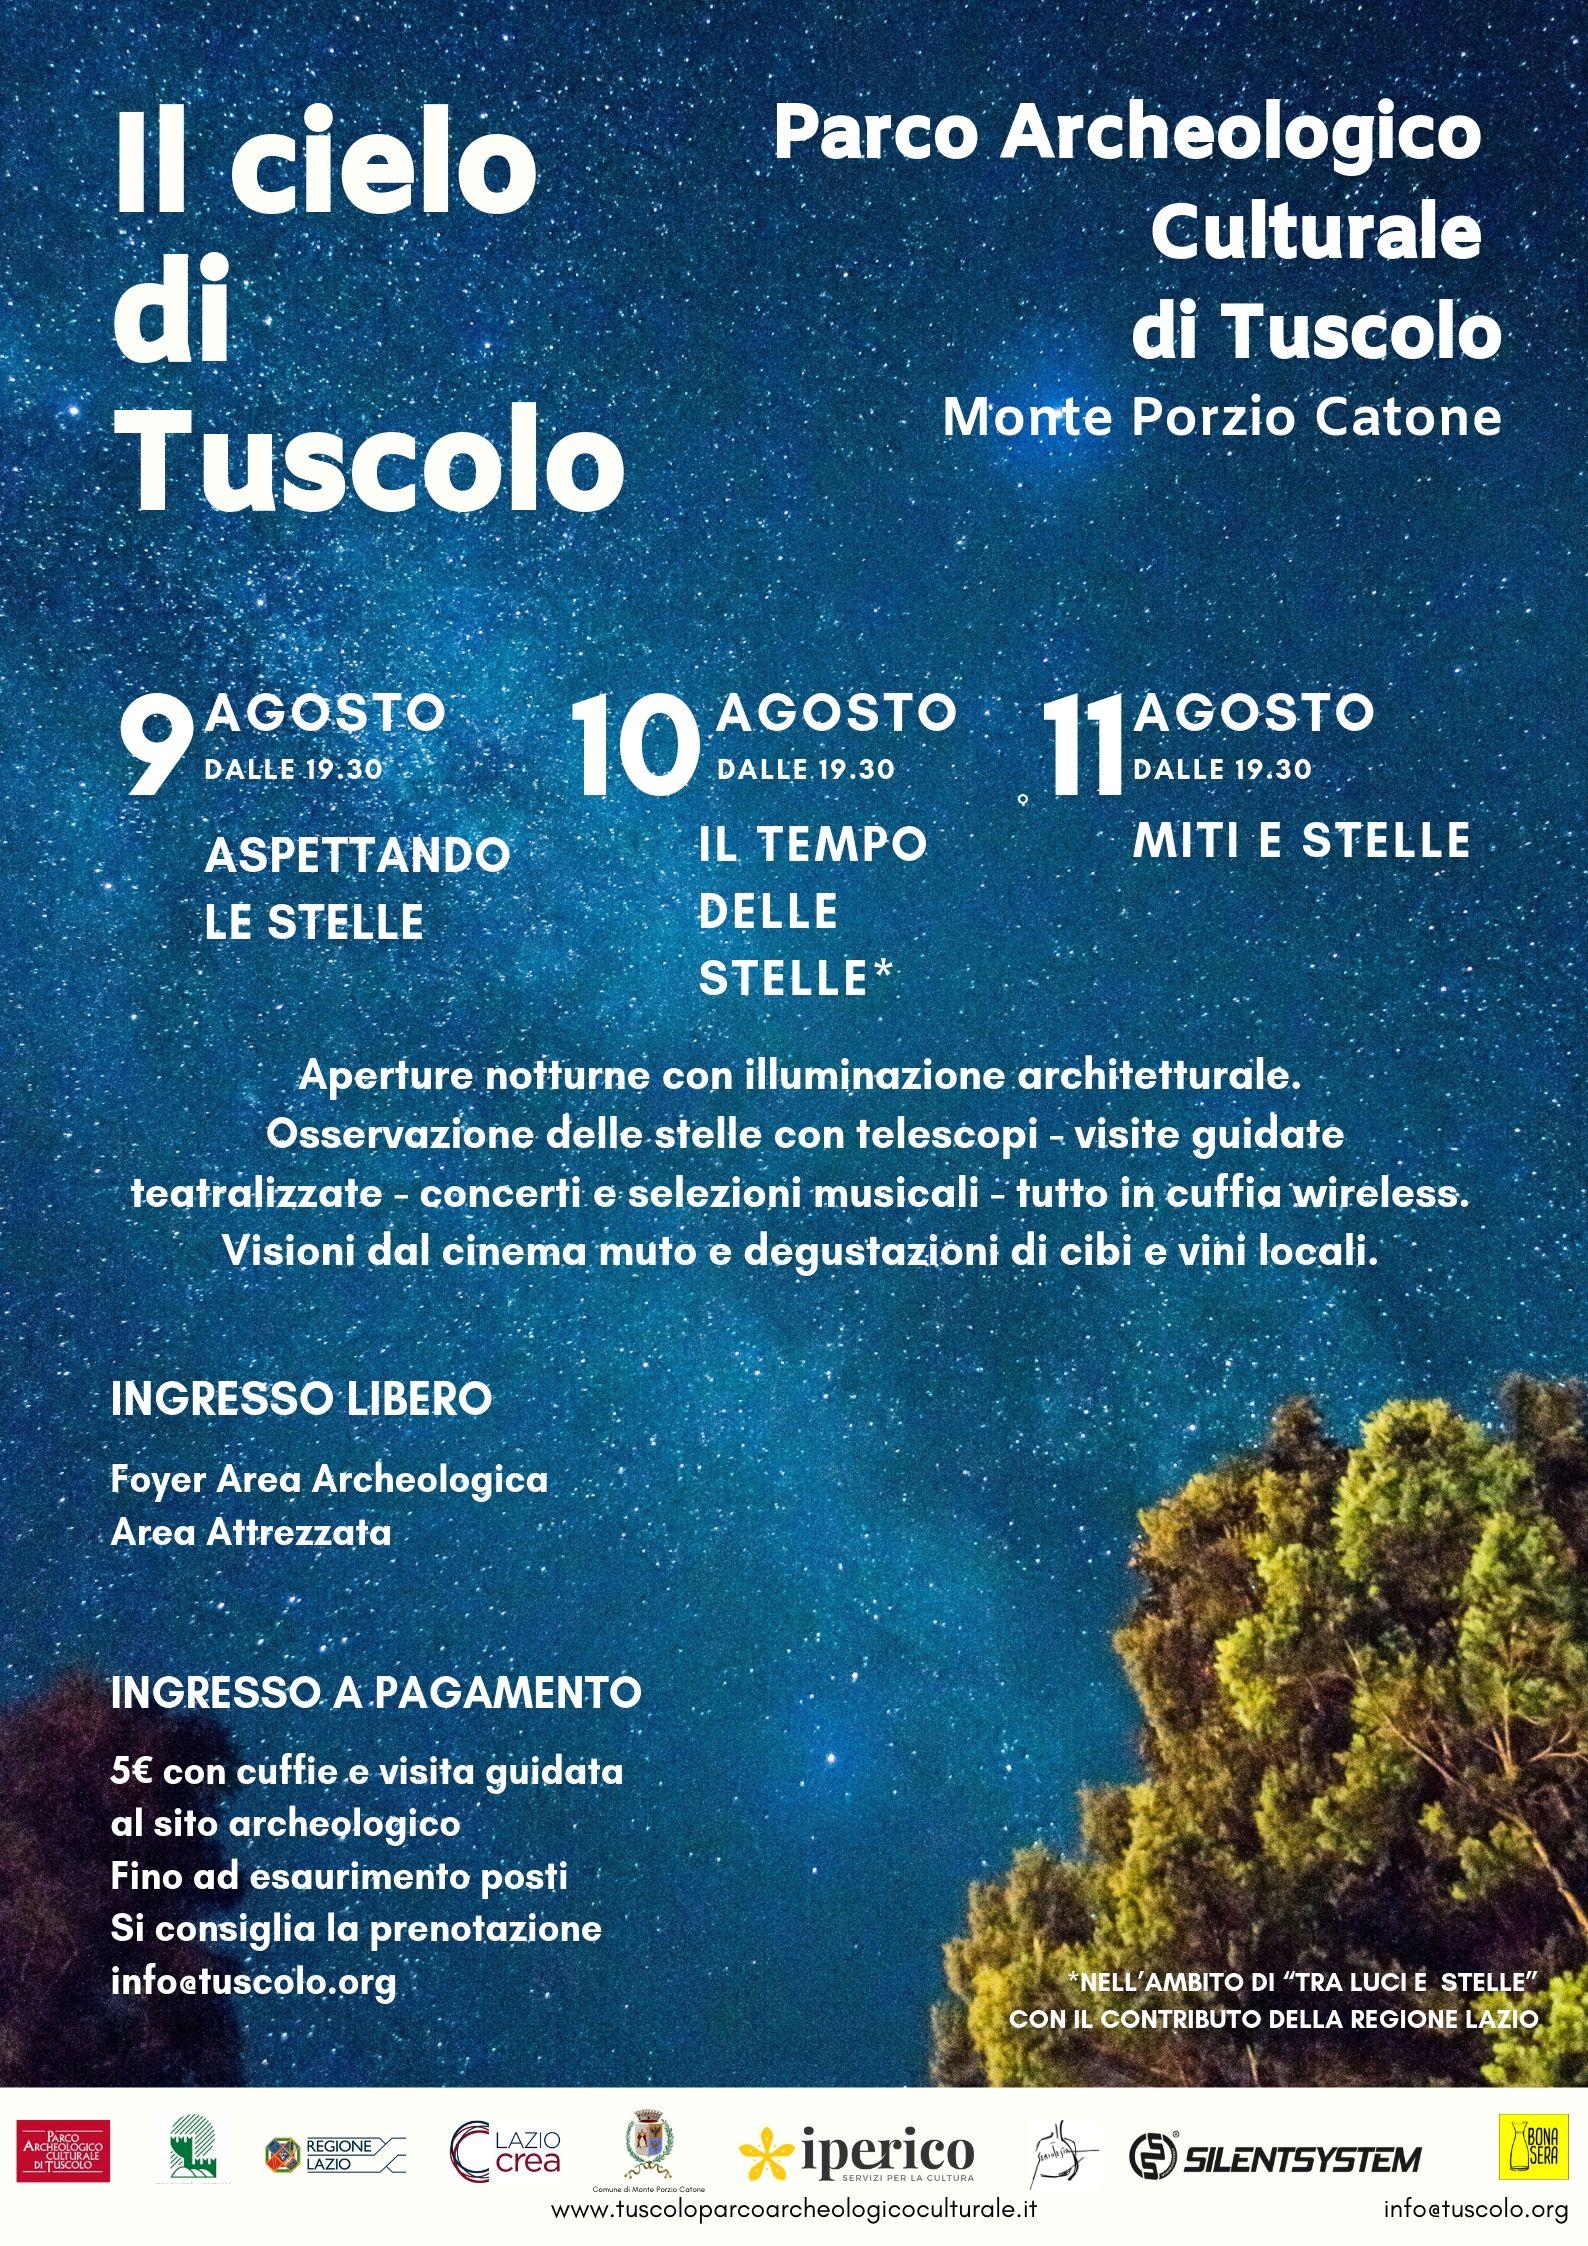 Il cielo di Tuscolo